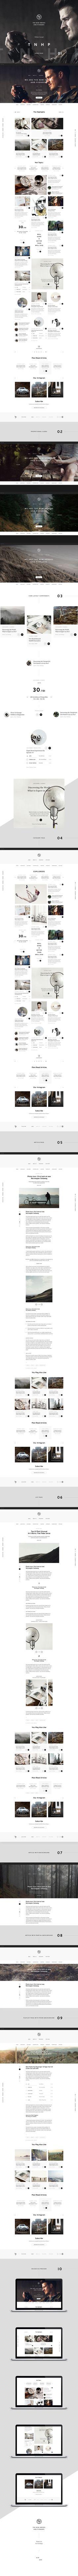 37 best Design-Vorlagen für Rezept- und Kochbücher images on ...